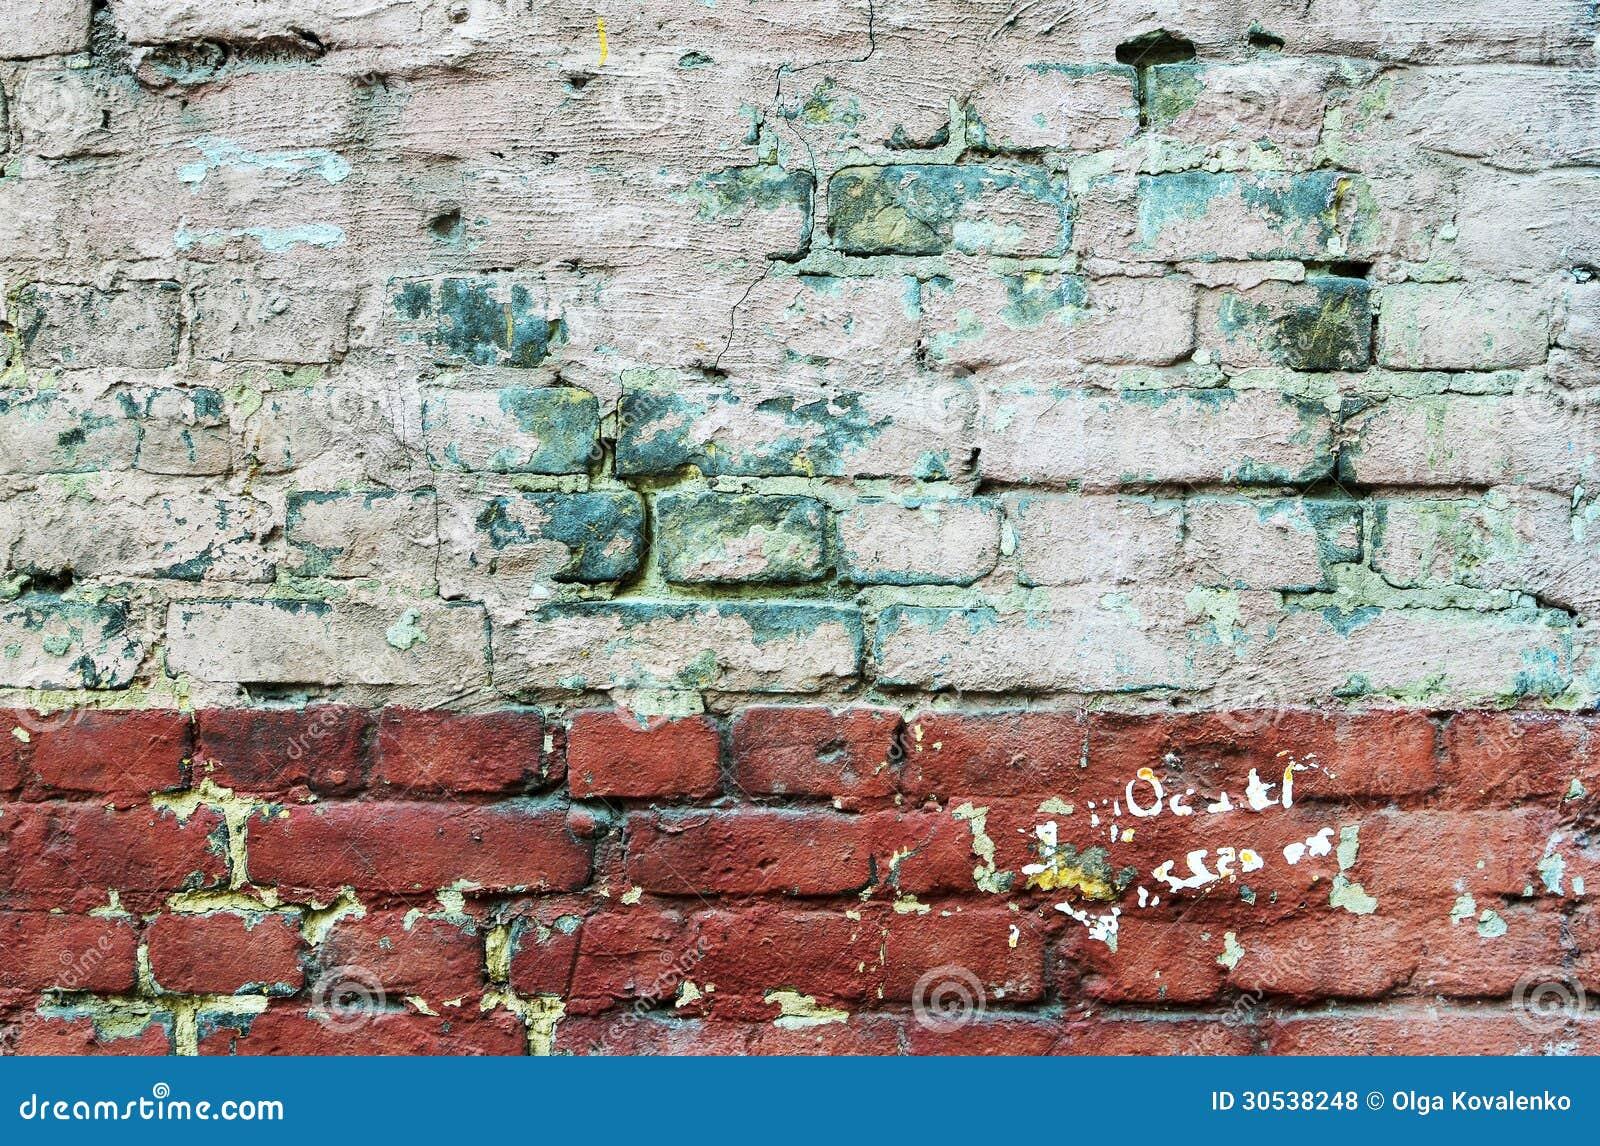 Stenen Muur Verven : Textuur van oude geschilderde bakstenen muur stock foto afbeelding